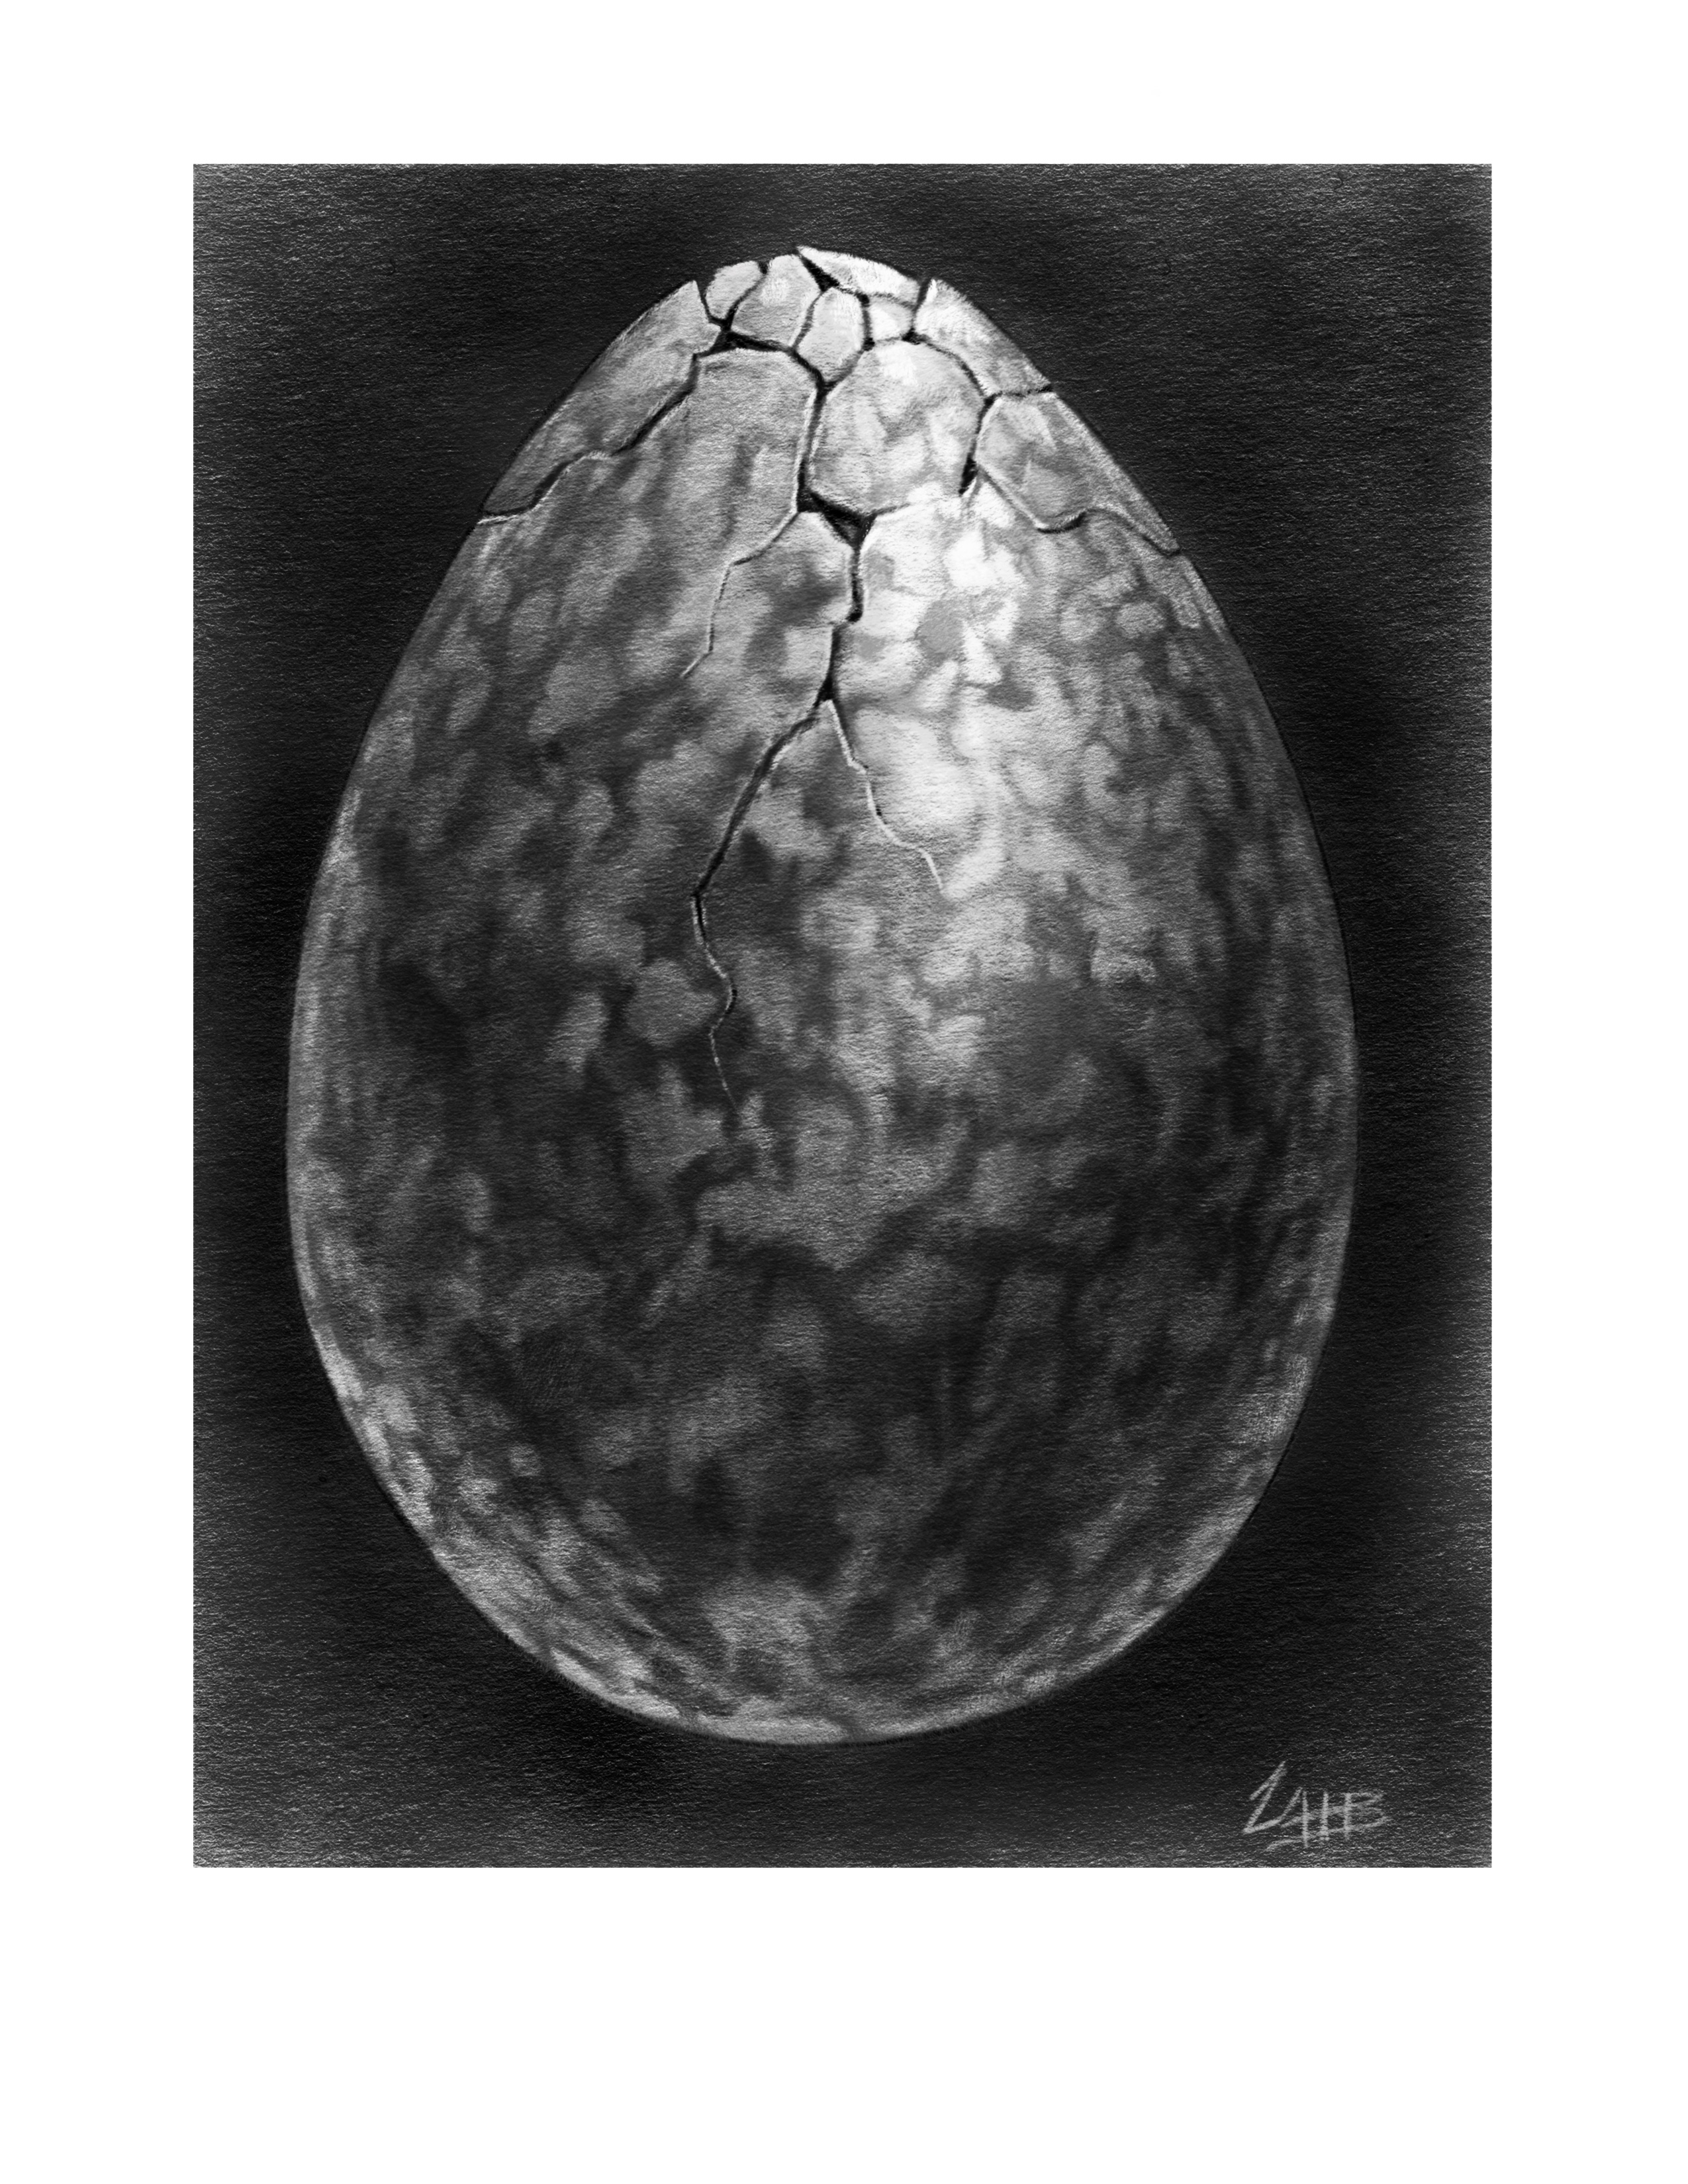 White Raven Egg